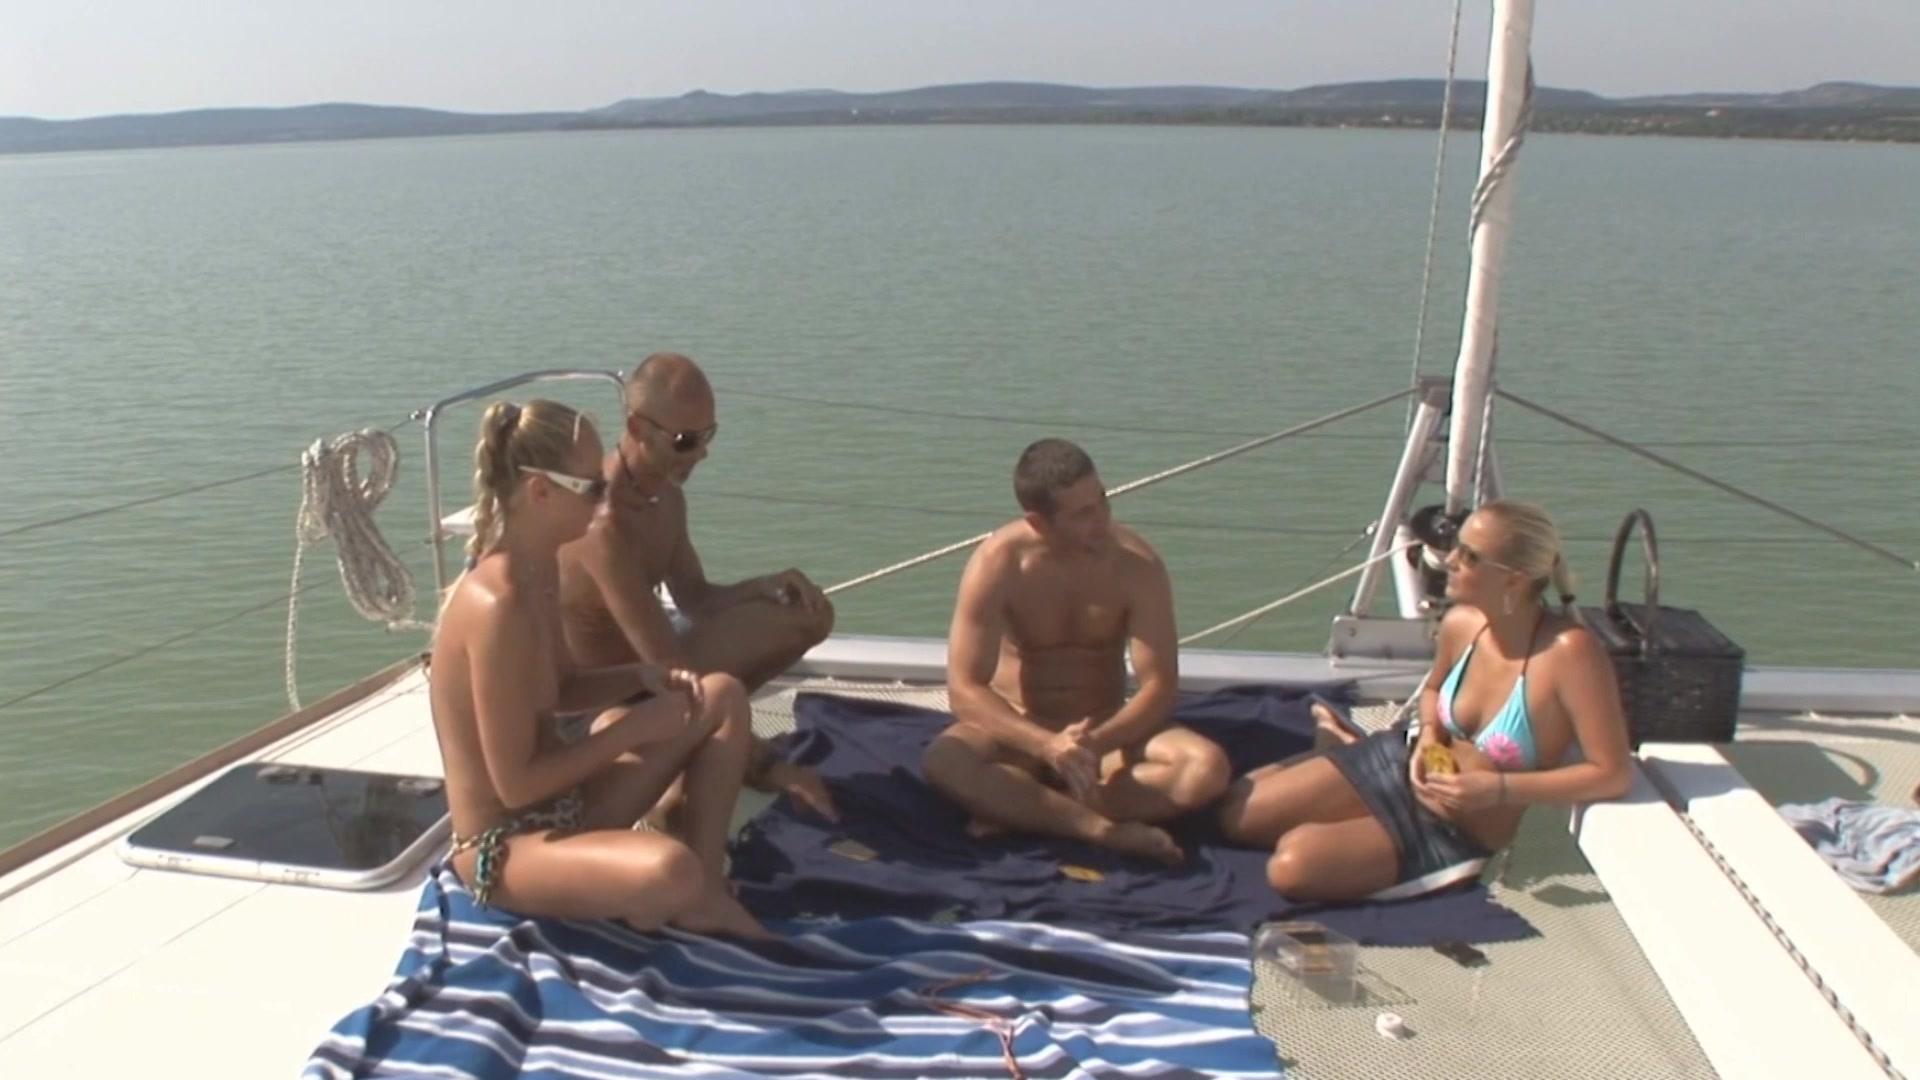 Nude Swinger Boat Sex